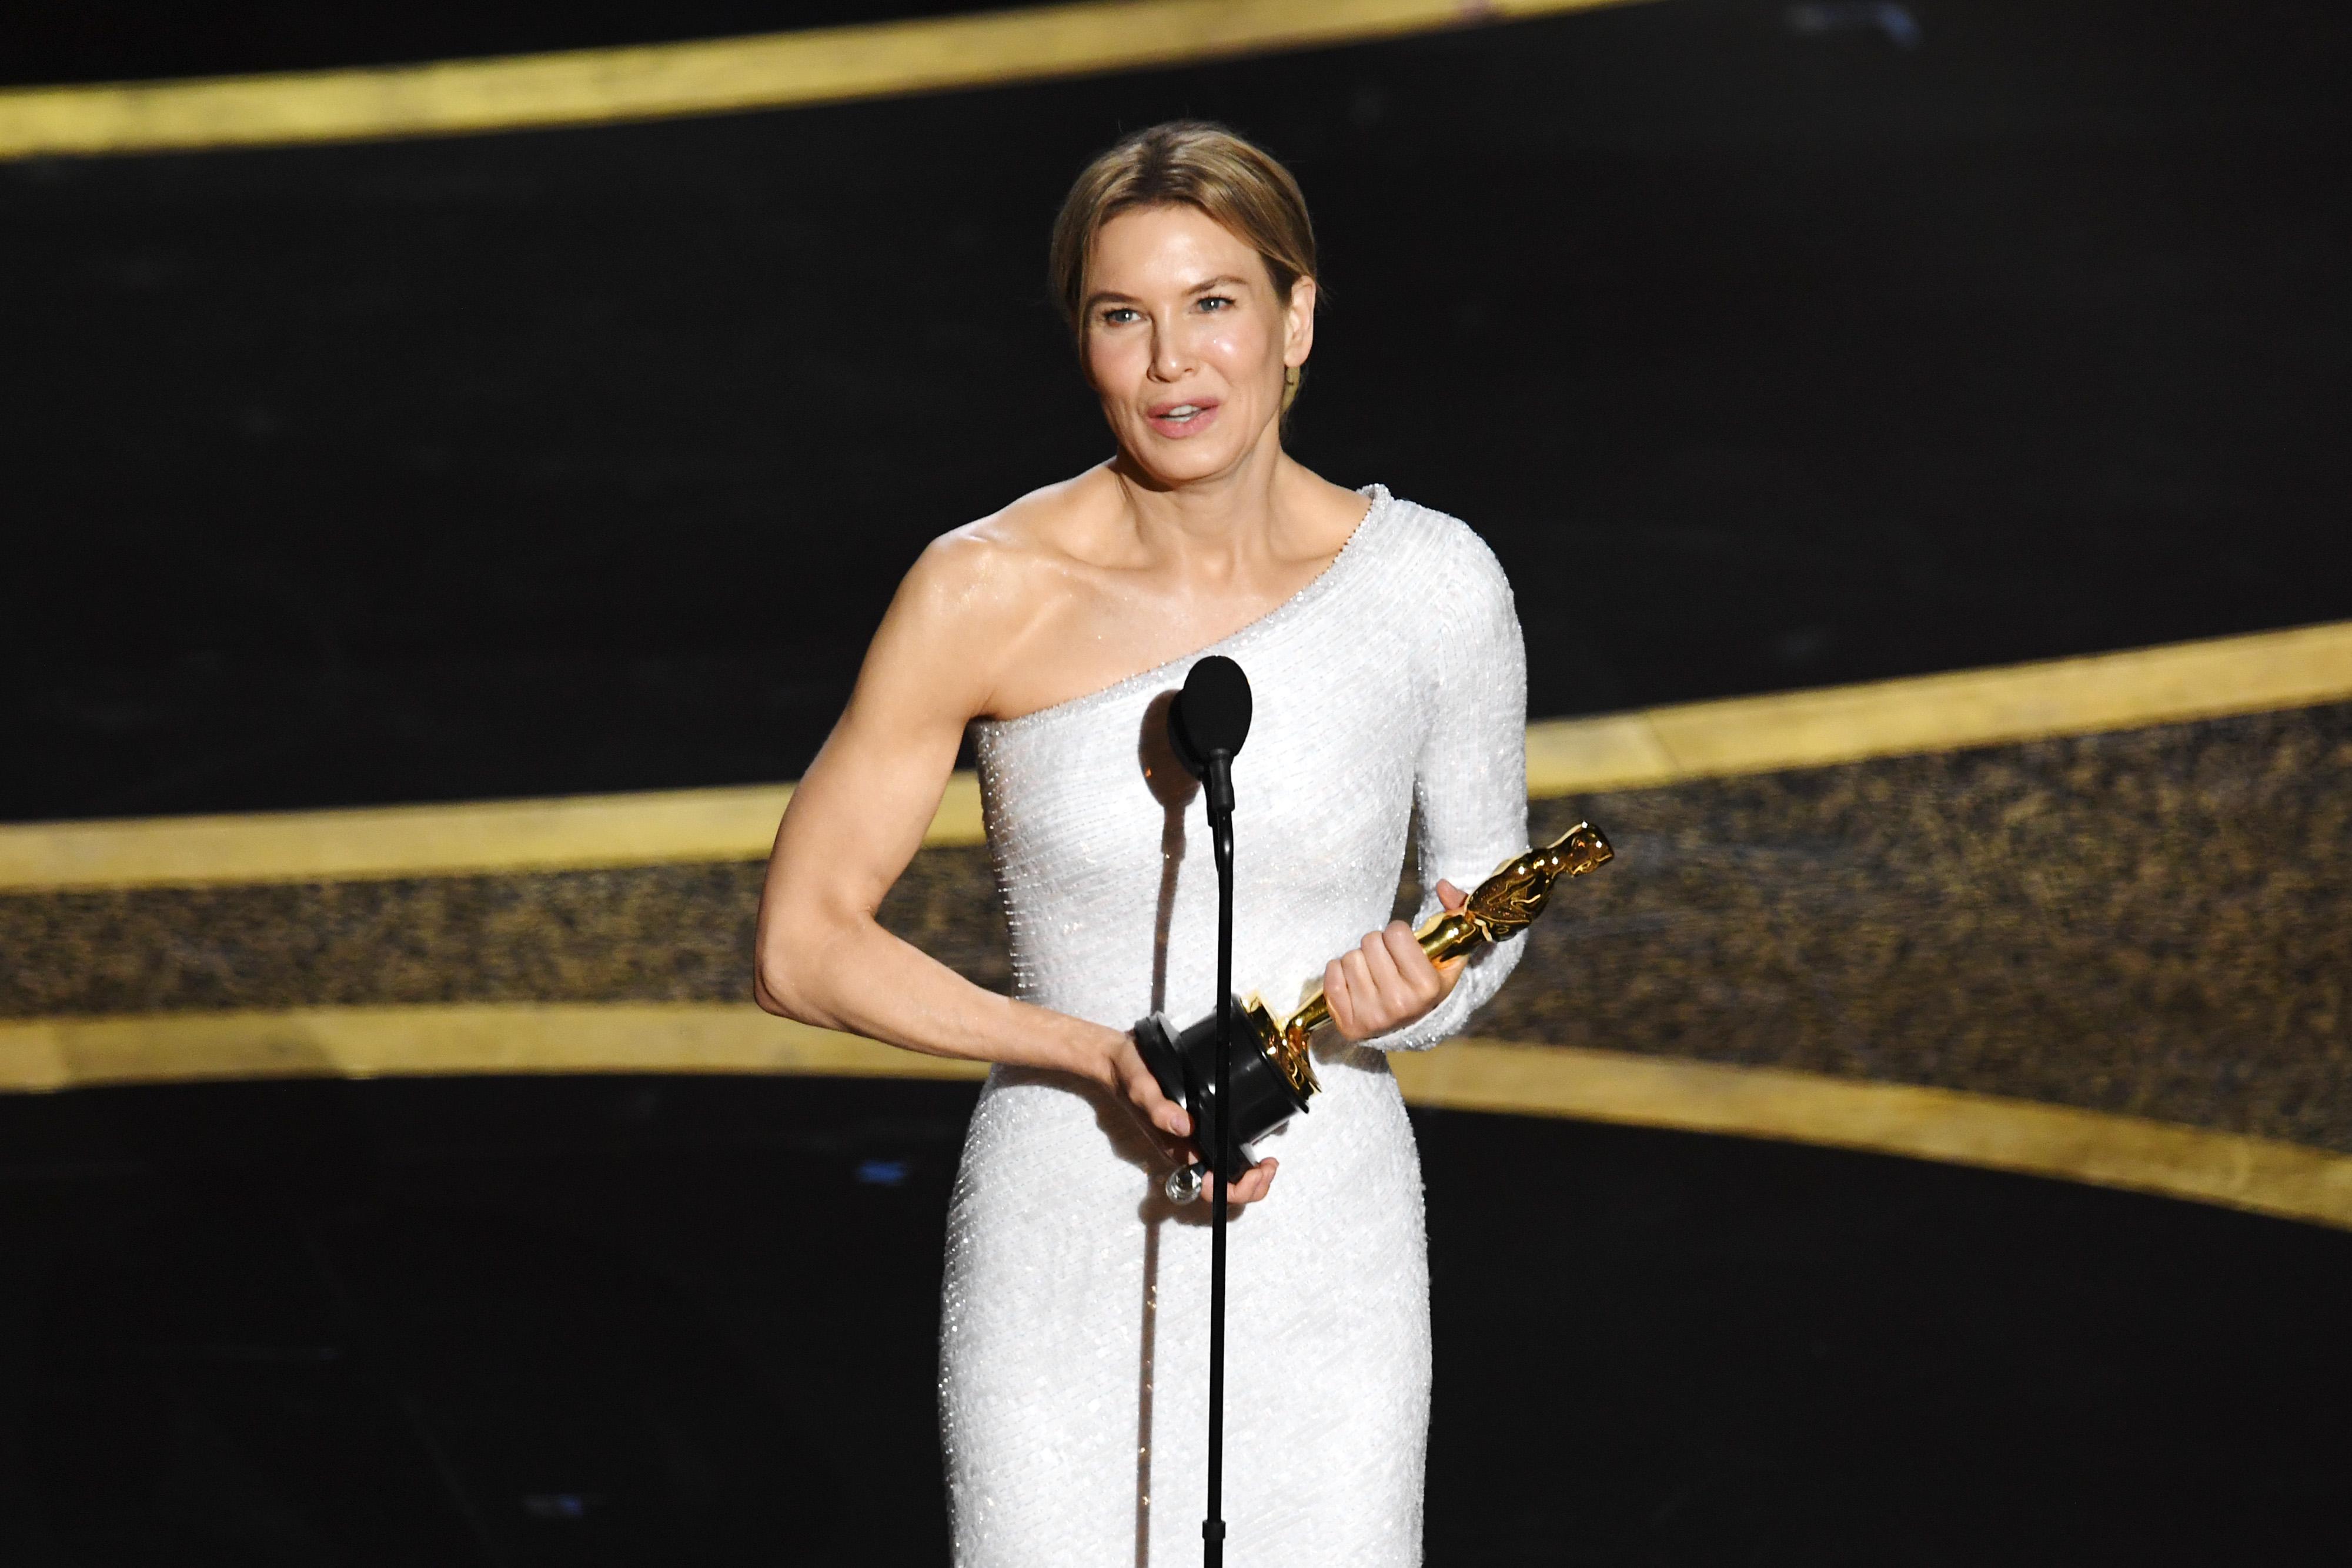 Estos fueron los estilos que dominaron la alfombra roja de los Oscar 2